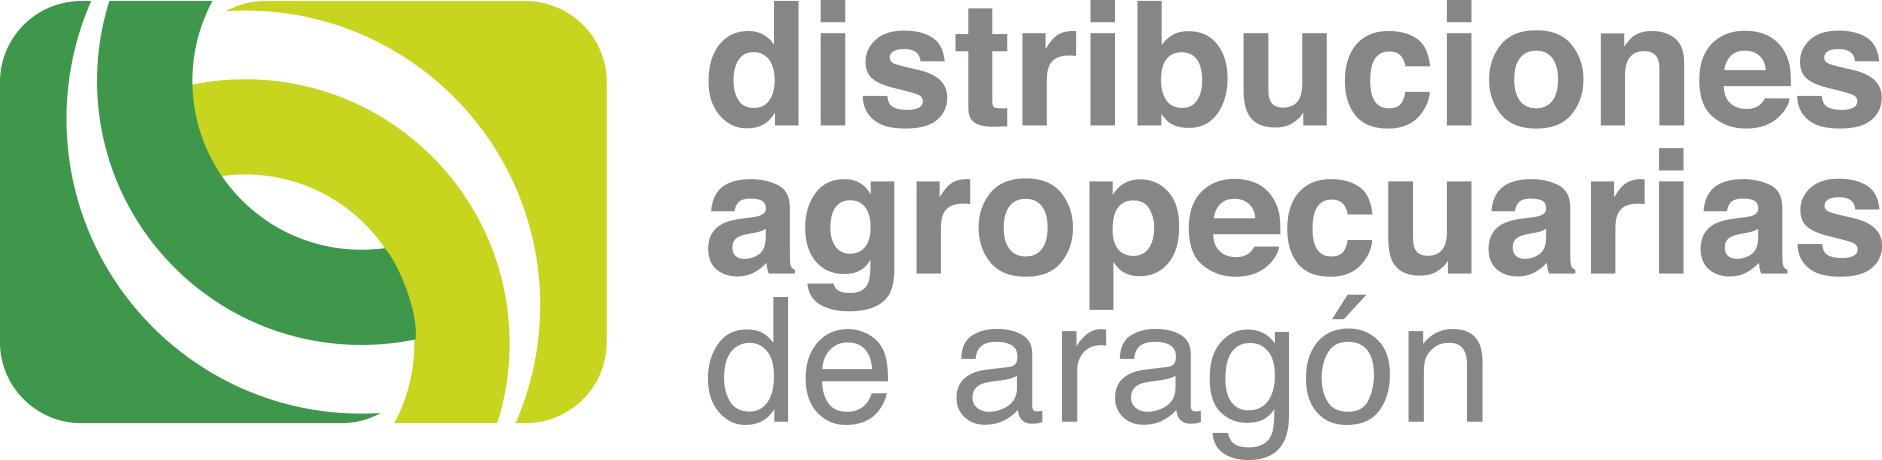 Distribuciones Agropecuarias